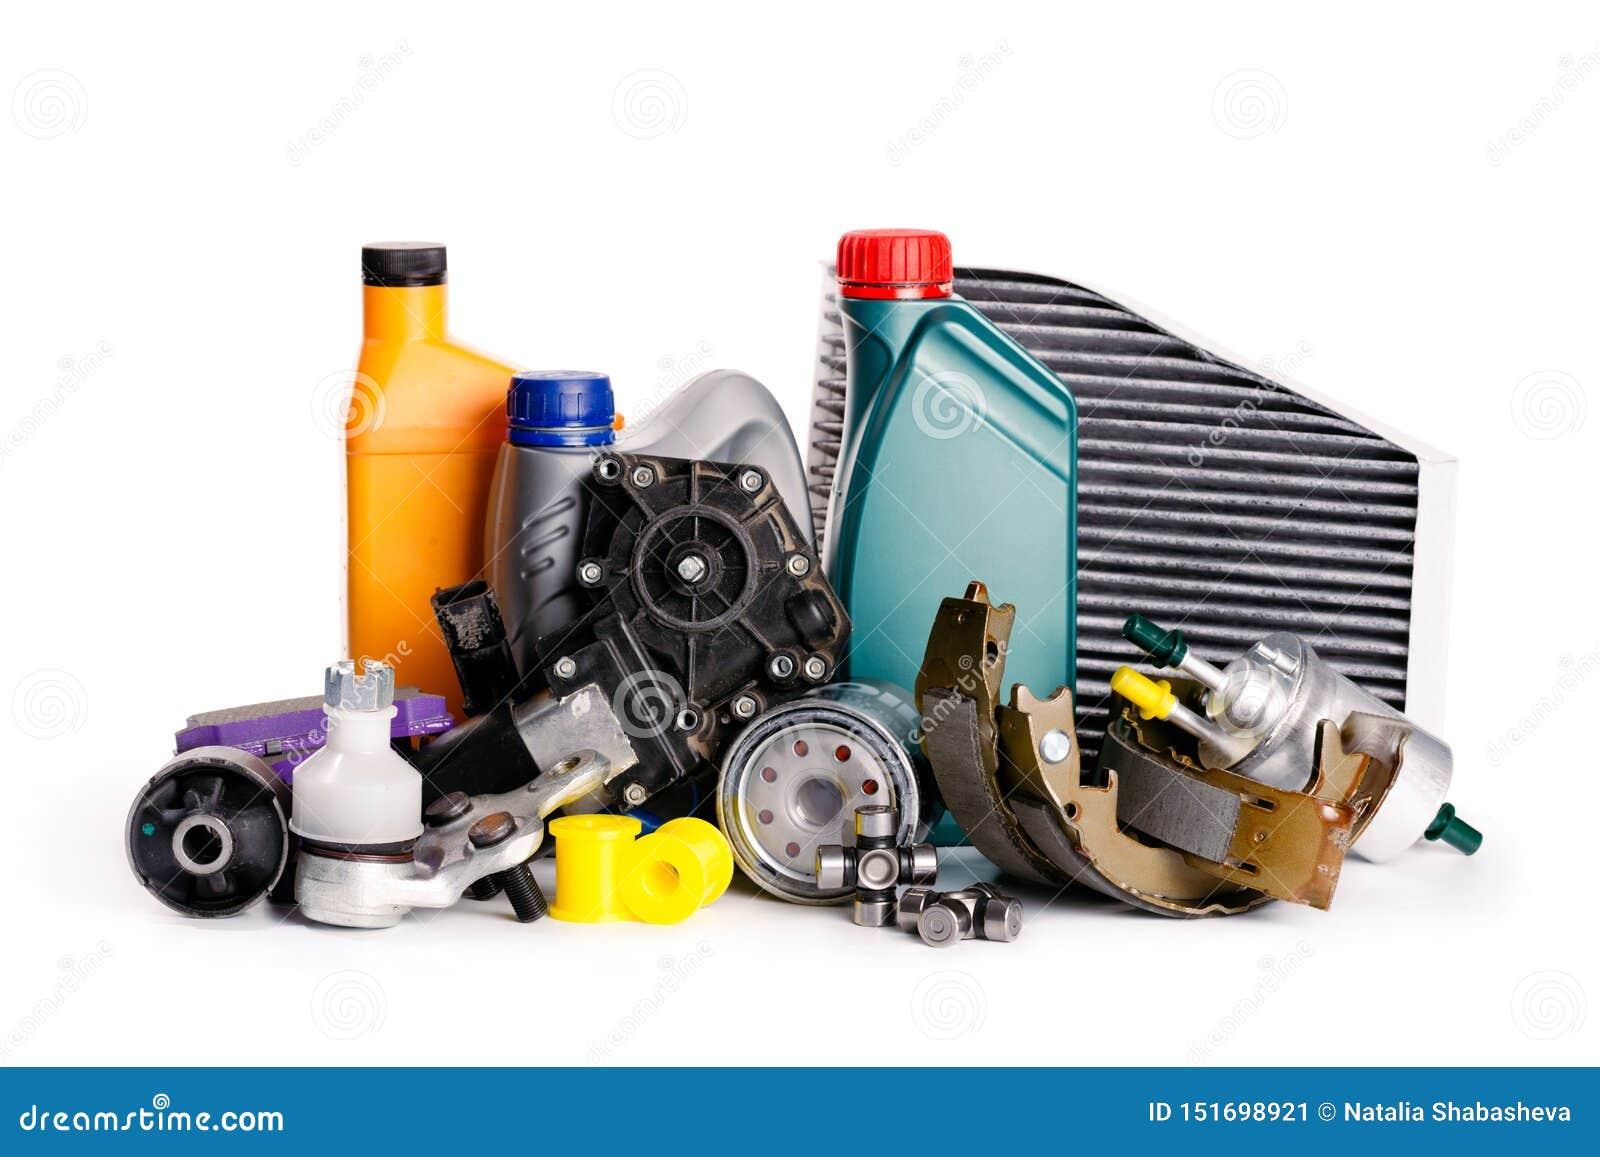 Samochodowa inspekcja, dodatkowe części, samochodowi akcesoria, lotniczy filtry, hamulcowy dysk, samochodowe części